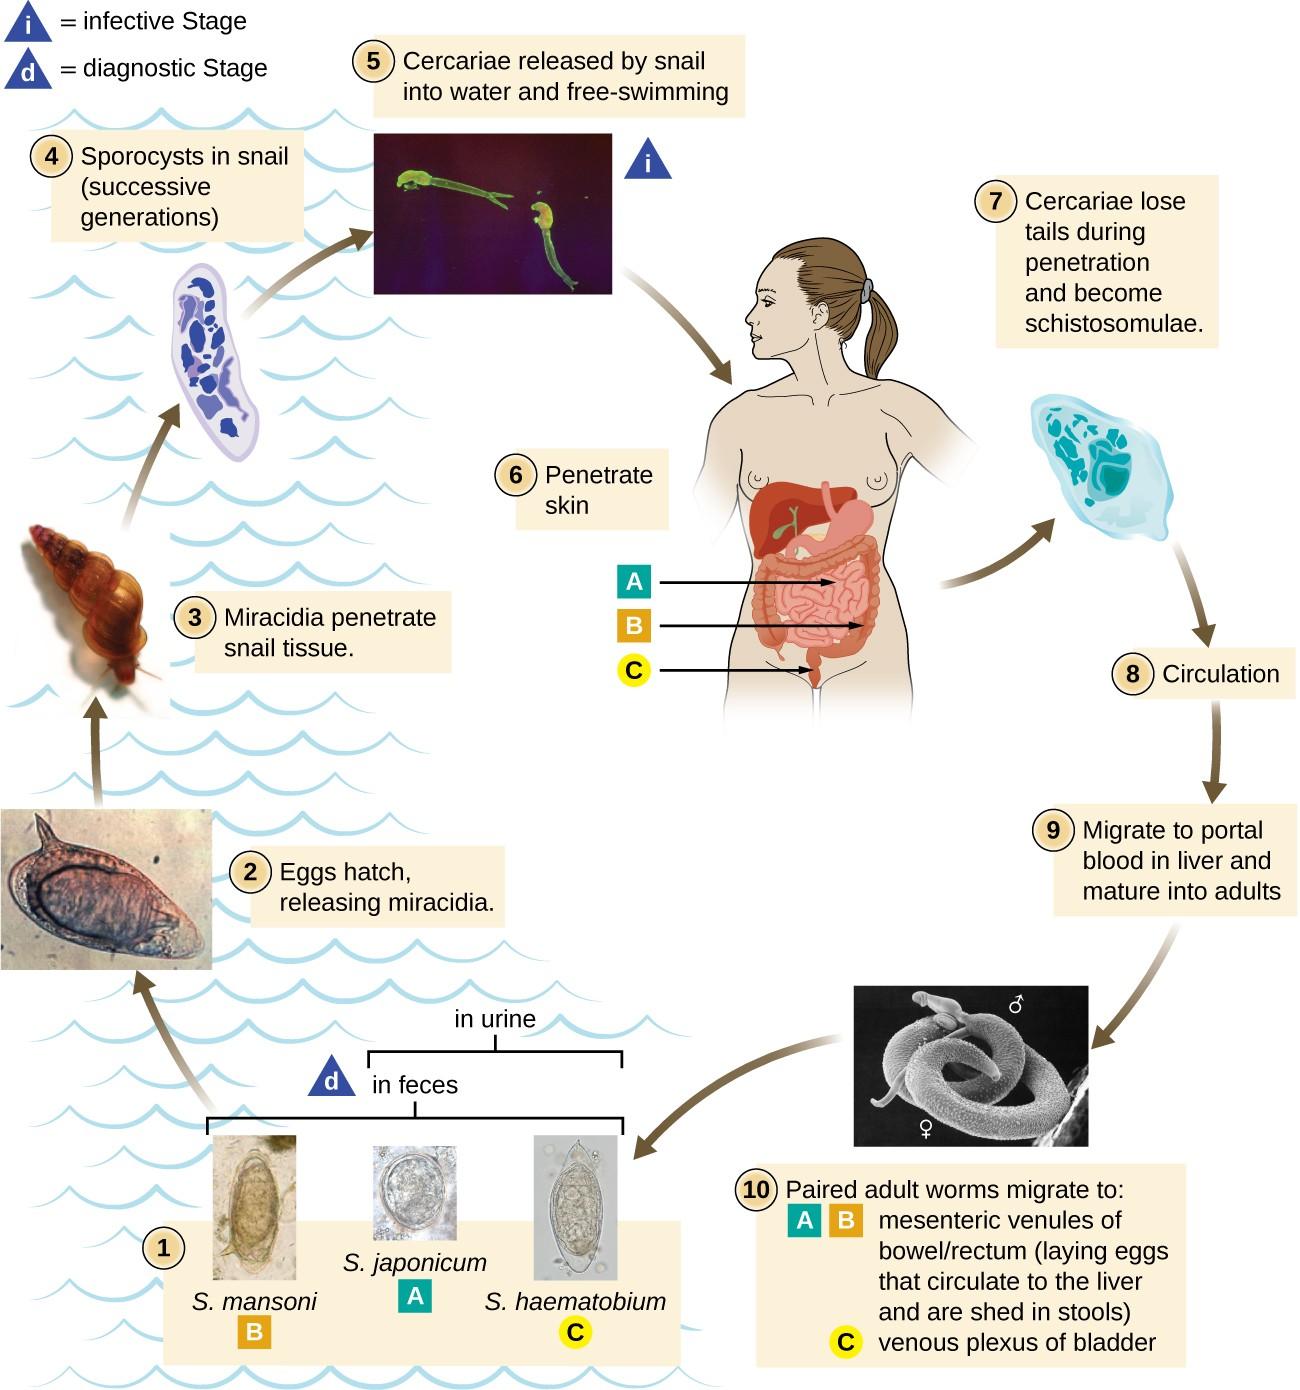 hight resolution of schistoma mansoni japonicum and haematobium are found in feces s japonicum and figure 4